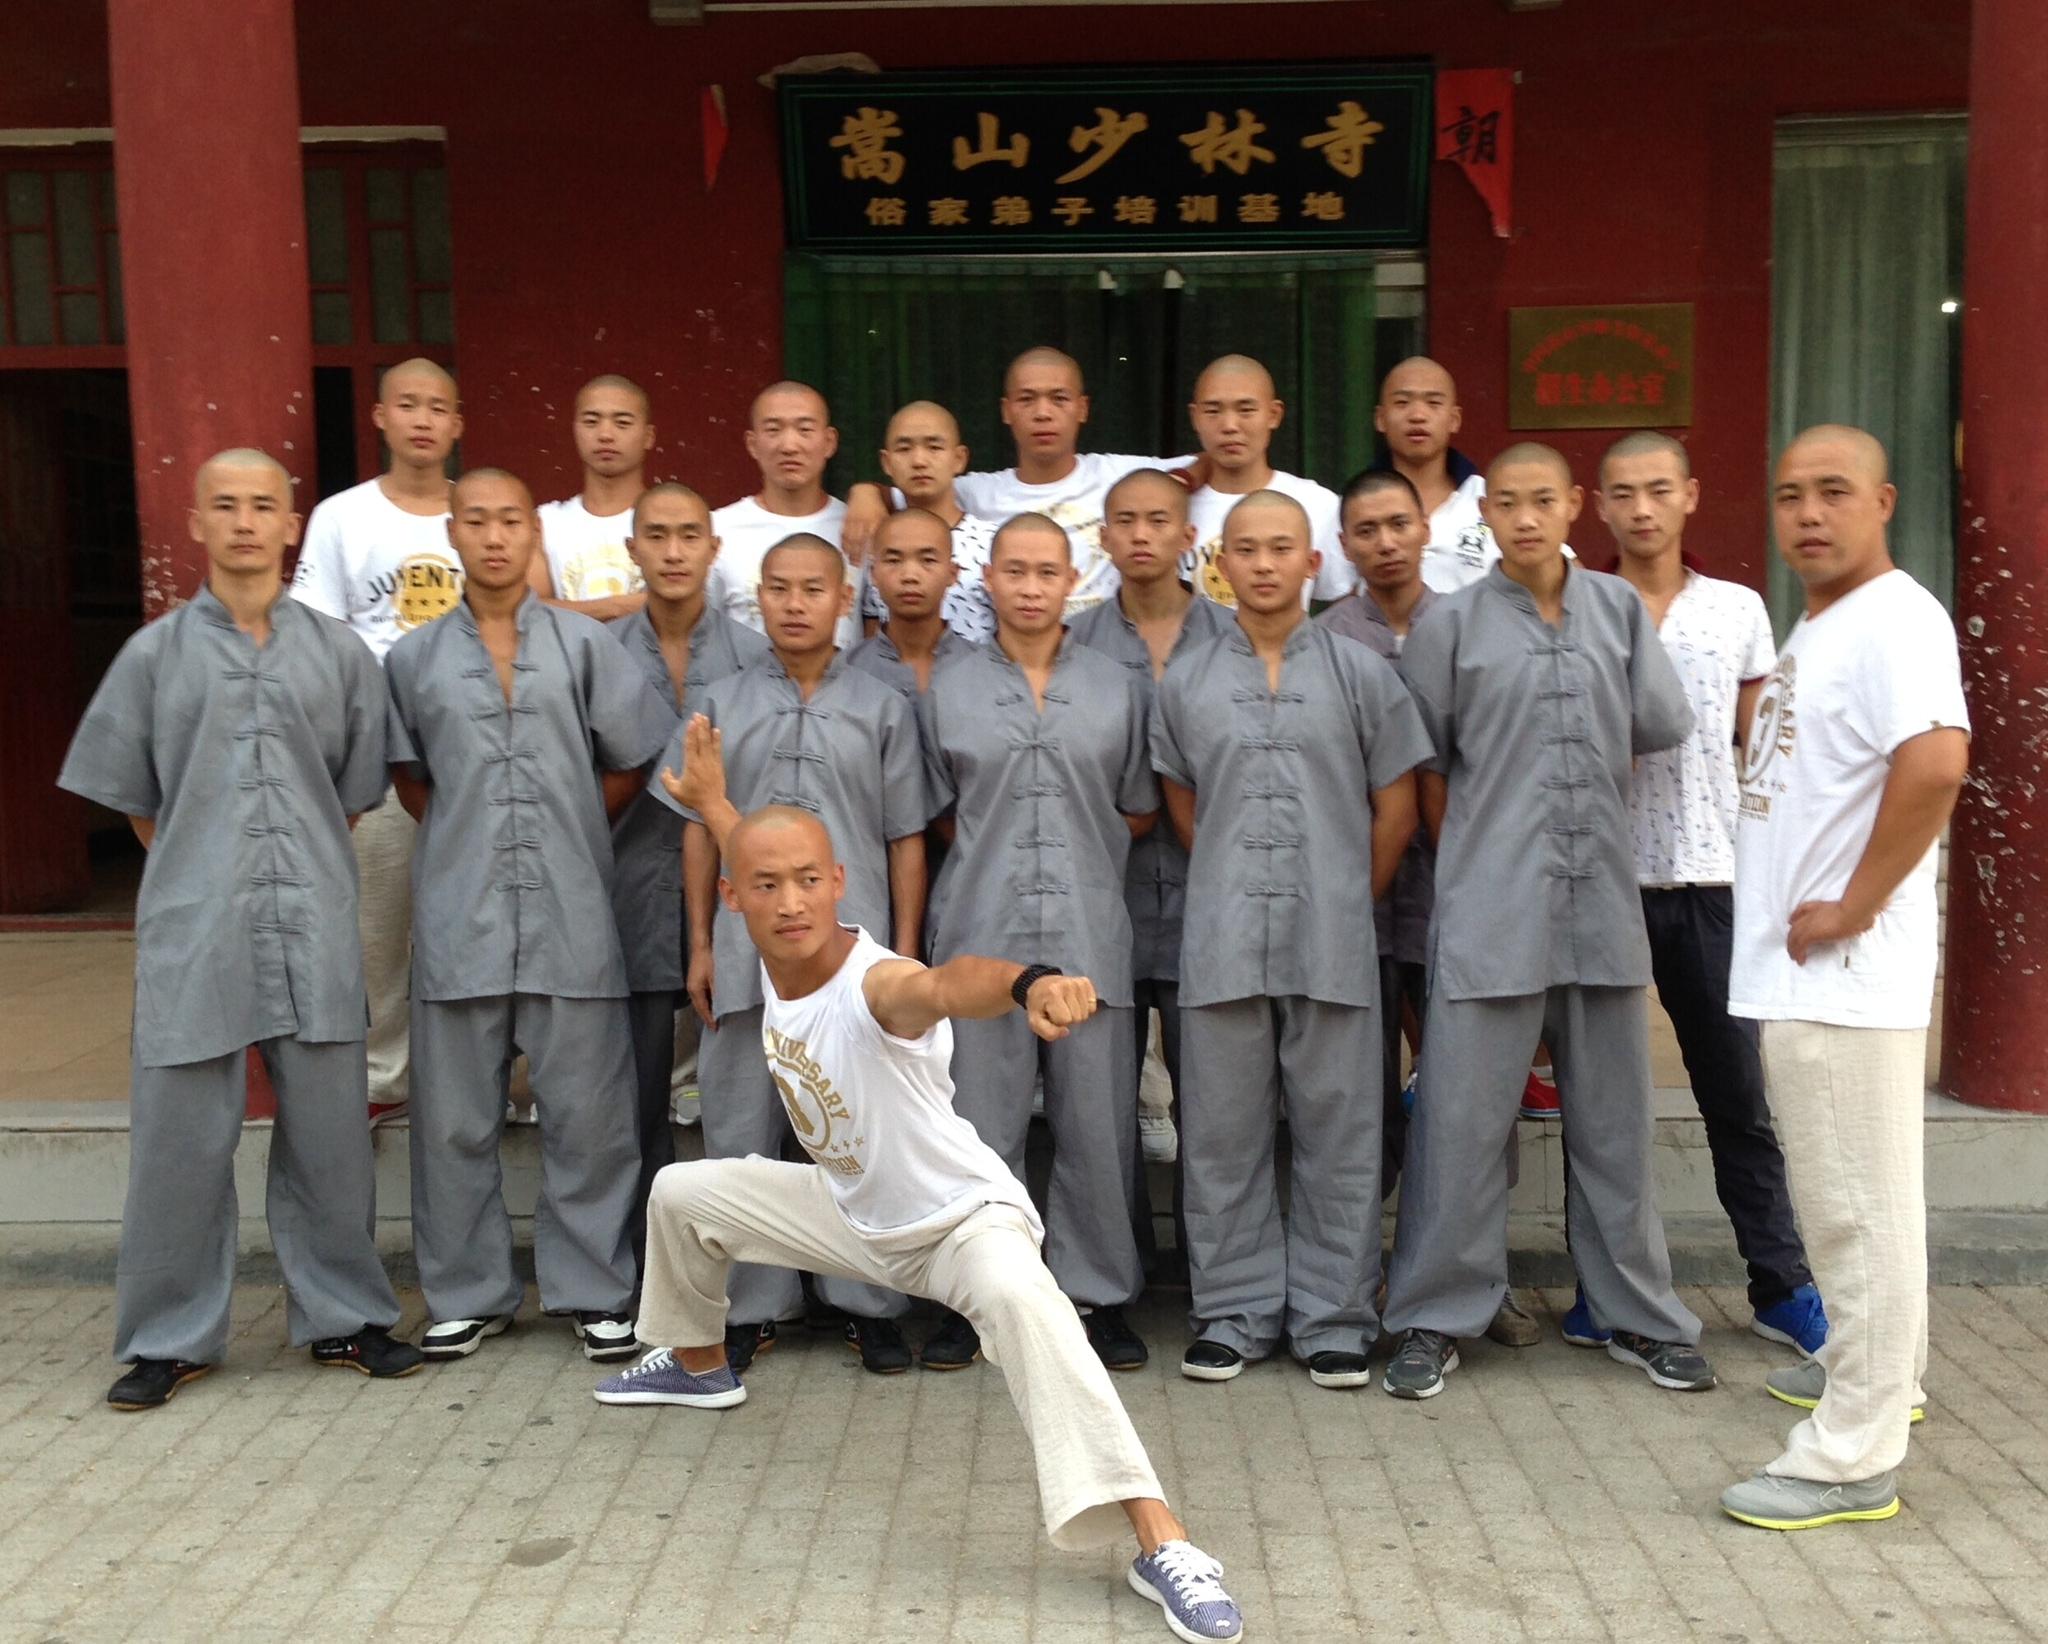 河南嵩山少林寺武术学校是唯一非盈利,公办